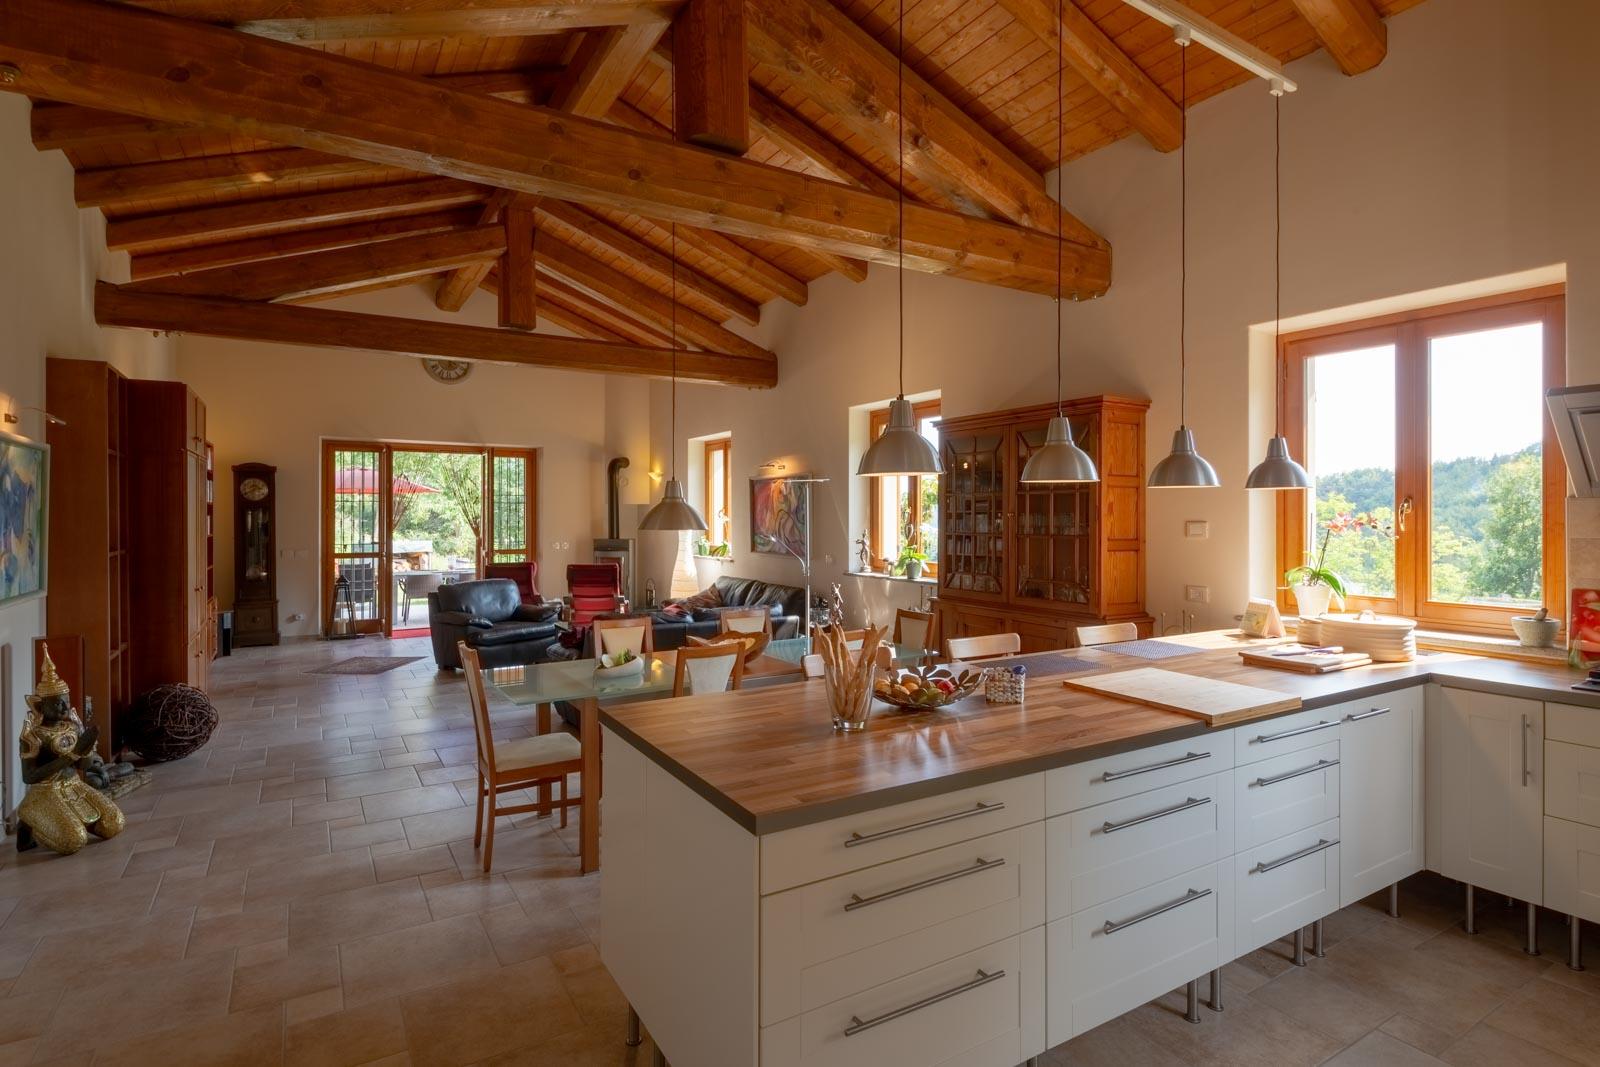 Casa di nuova costruzione in vendita in posizione tranquilla a sud di Alba nelle Langhe